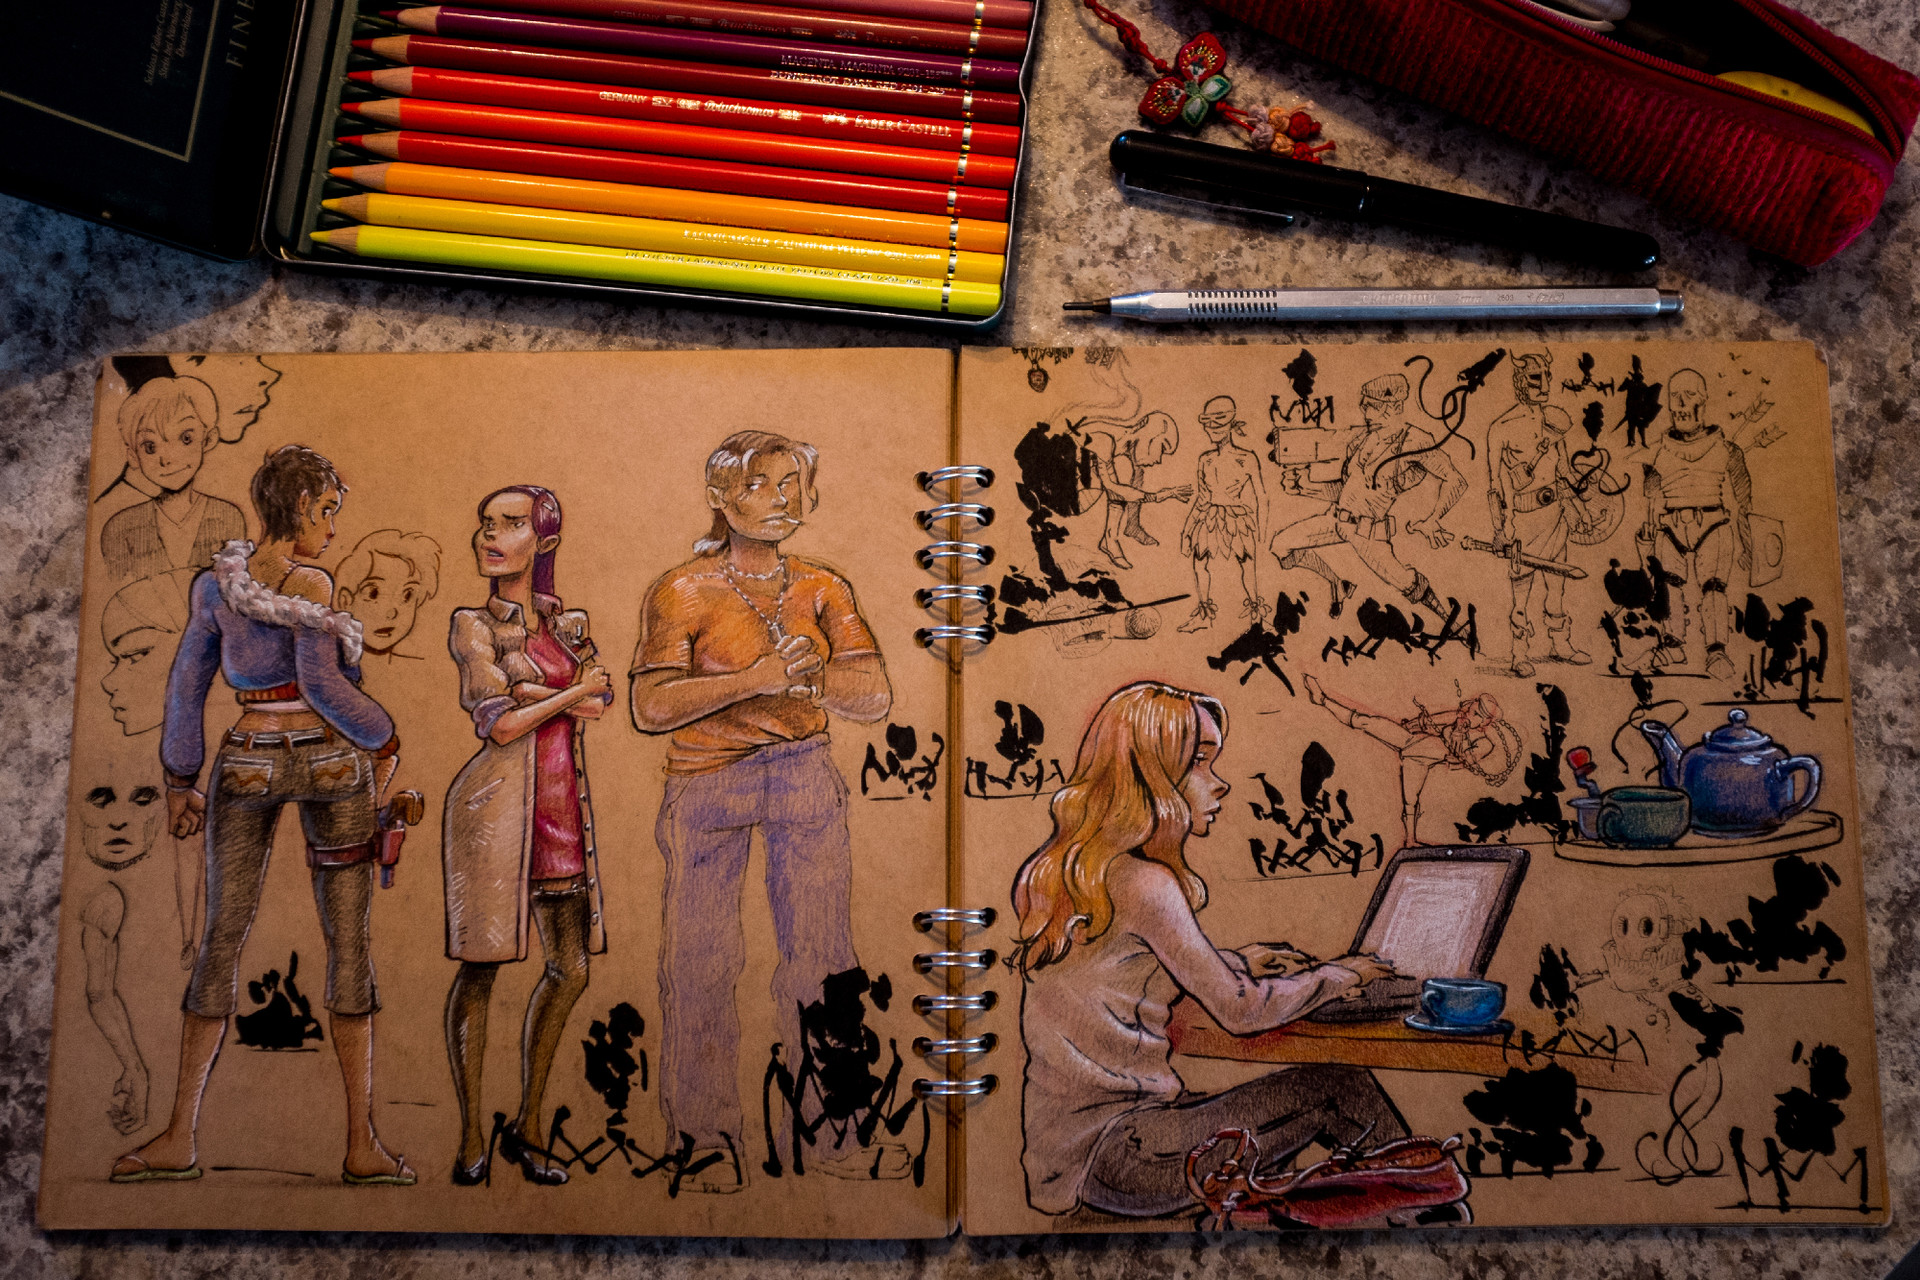 Vincent derozier vincent derozier drawings 3